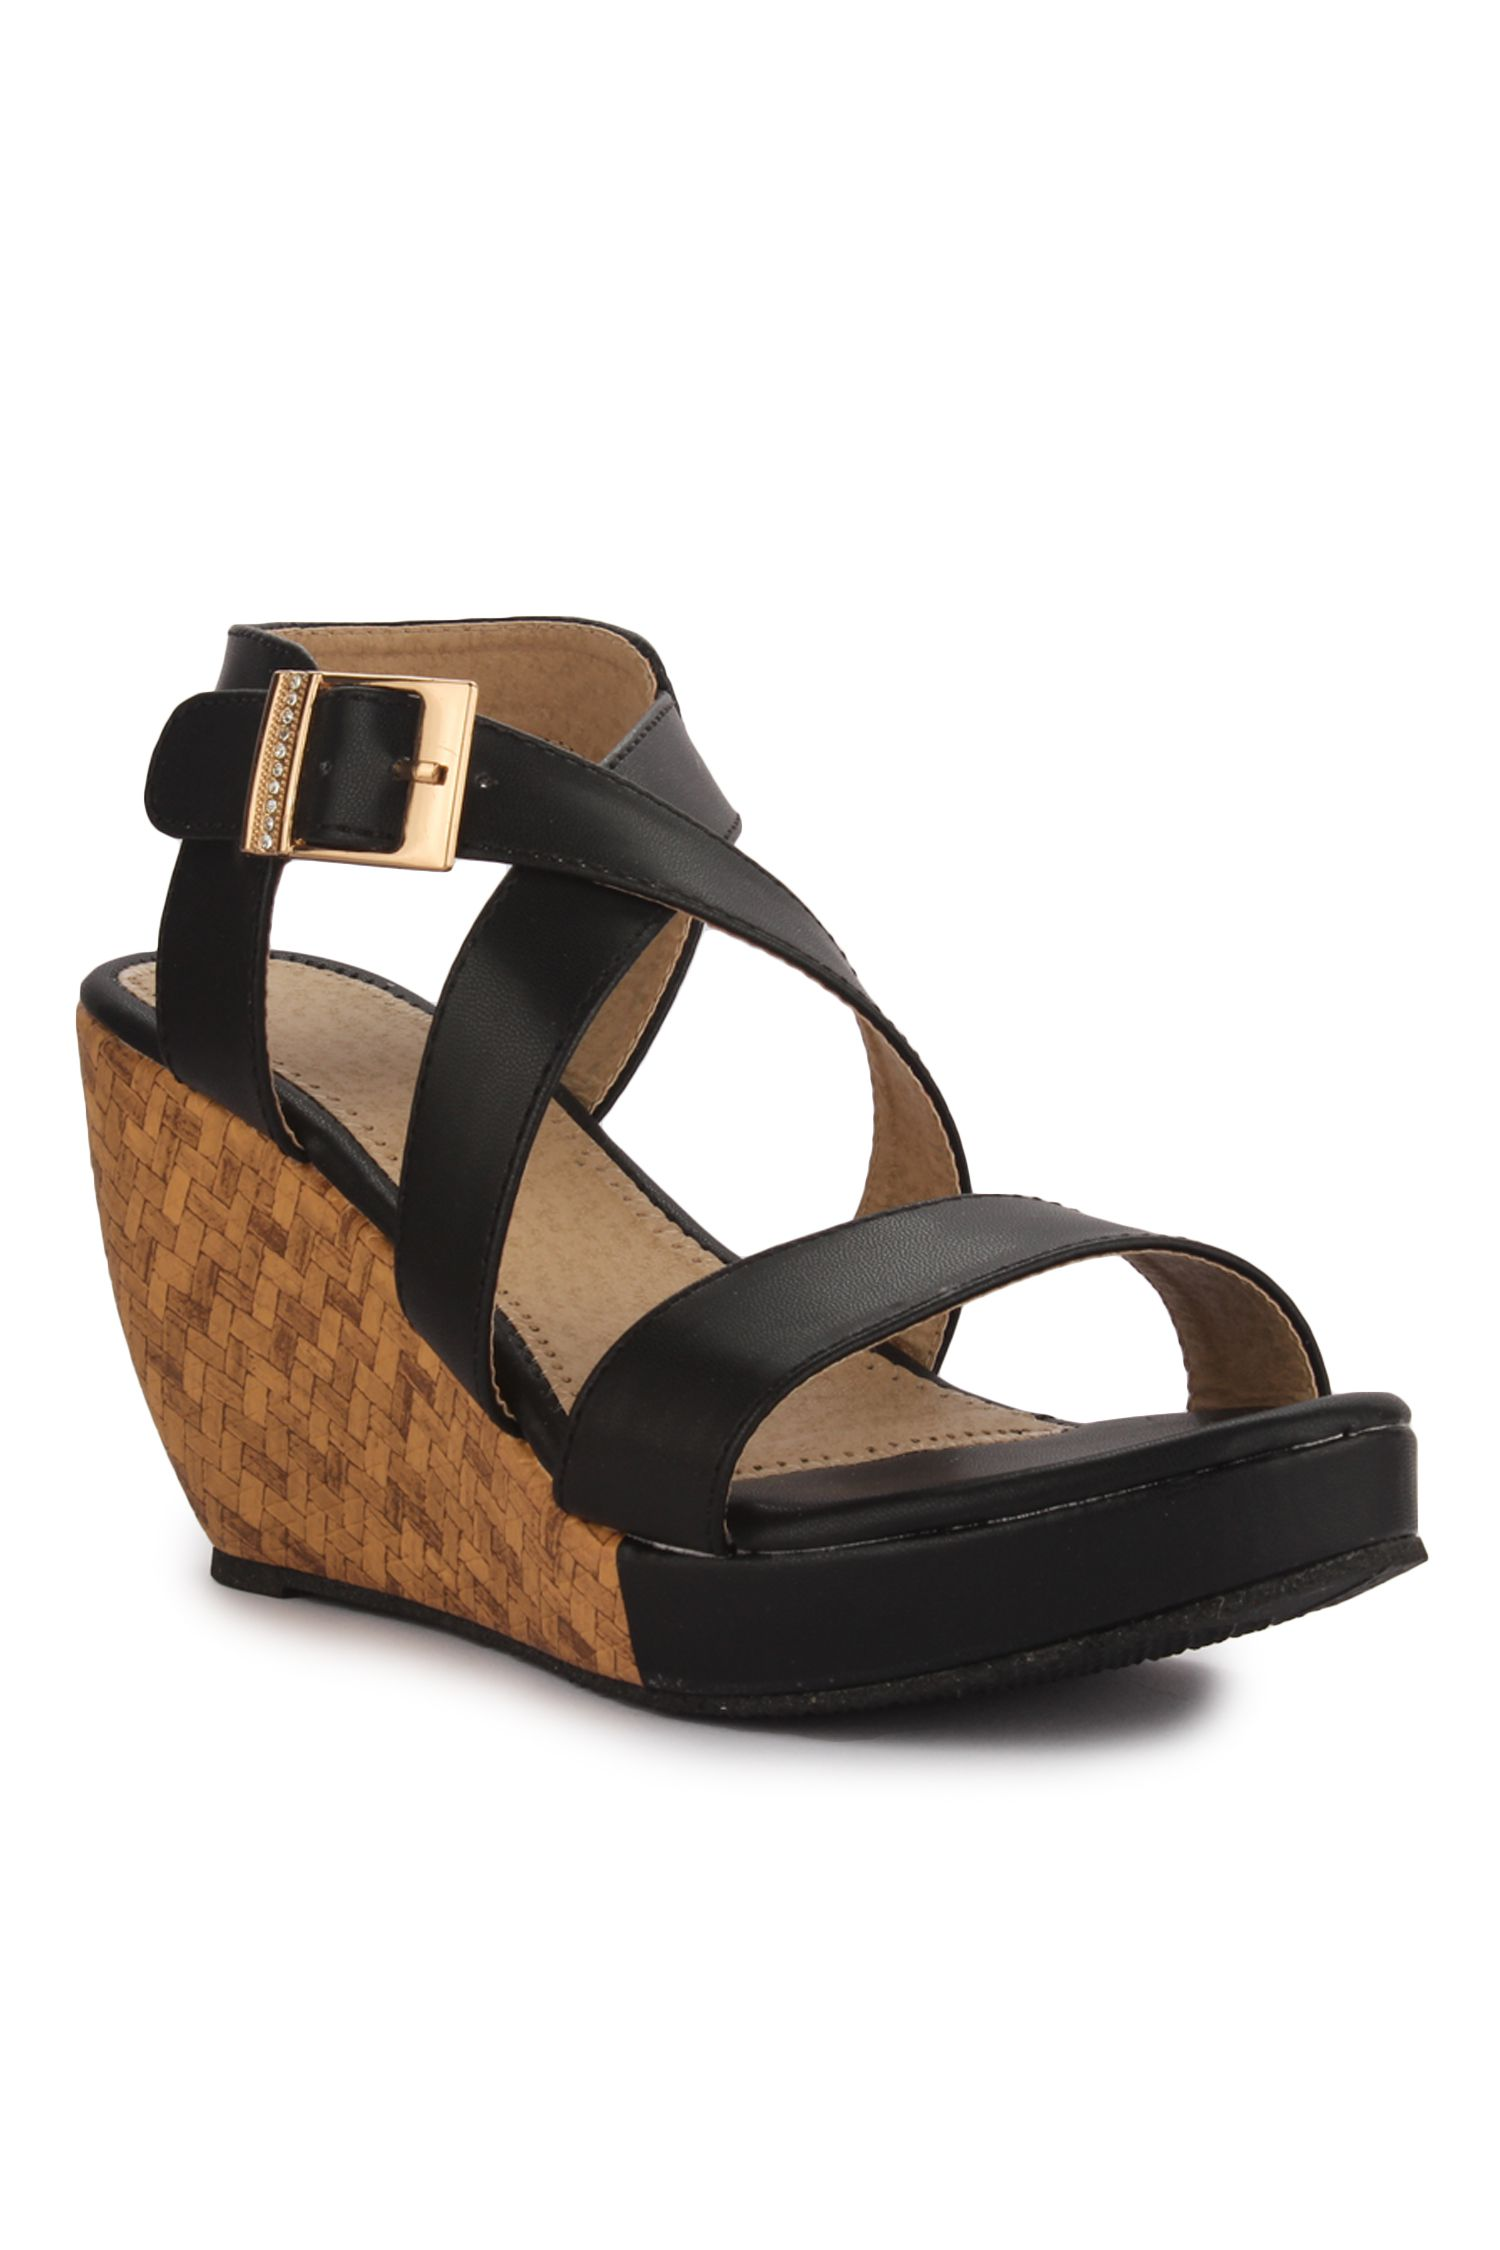 AADVIT Black Wedges Heels